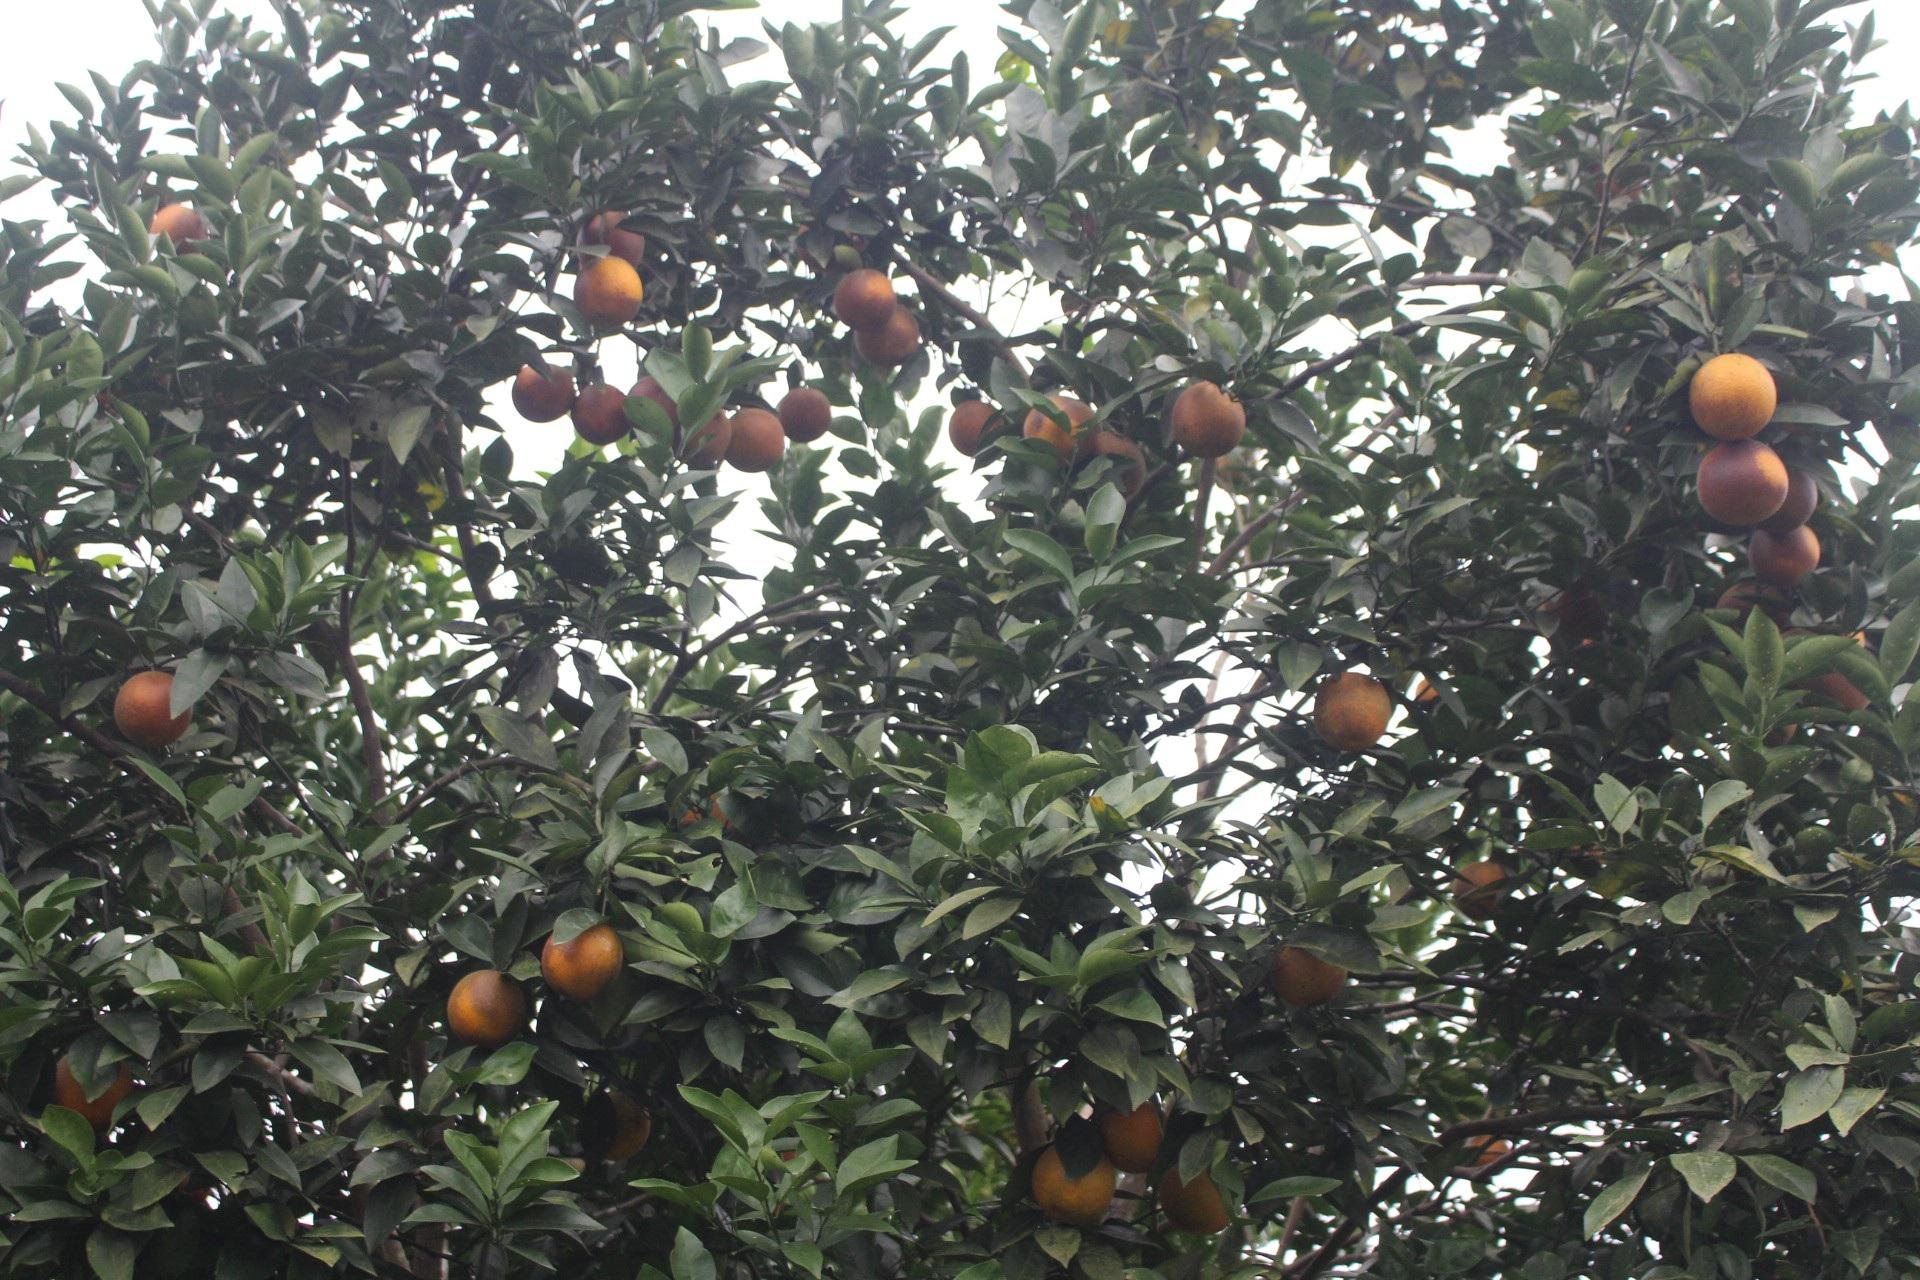 """Mê mẩn nhìn những vườn cam chín mọng chuẩn bị """"bung lụa"""" cho Tết Nguyên Đán - Ảnh 4."""